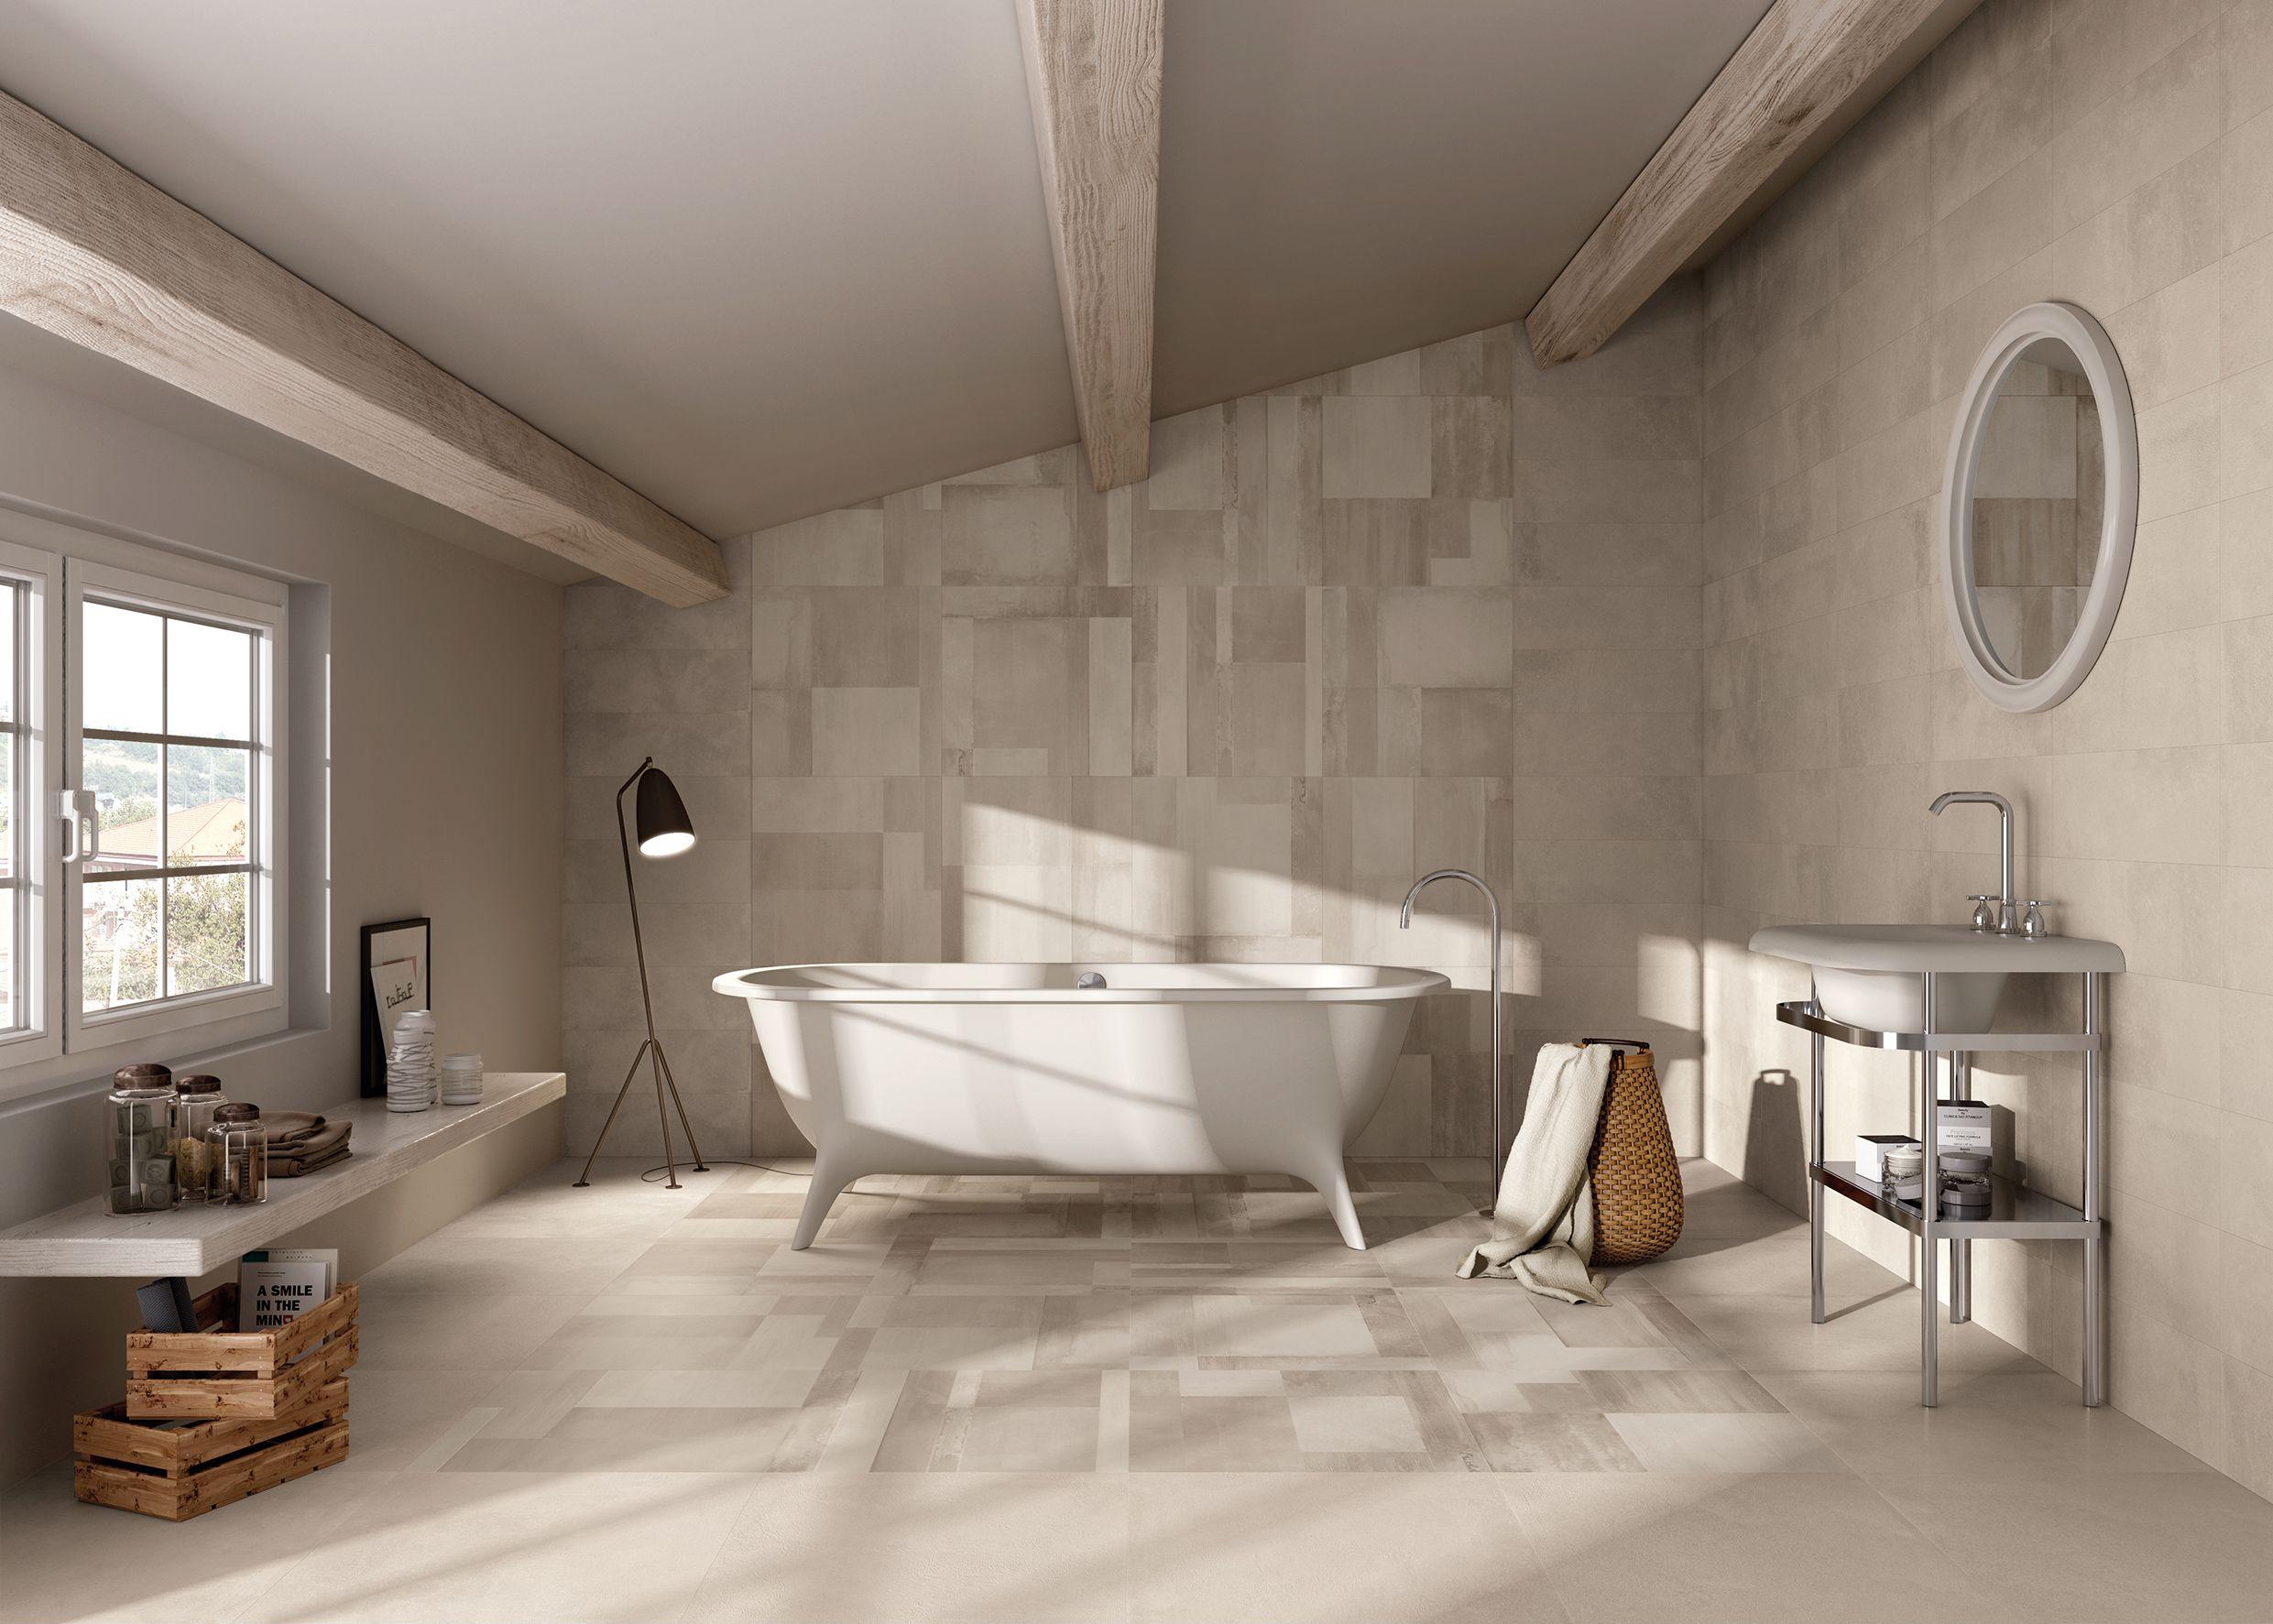 Bagno con piastrelle in gres porcellanato effetto cemento - Rimuovere cemento da piastrelle ...